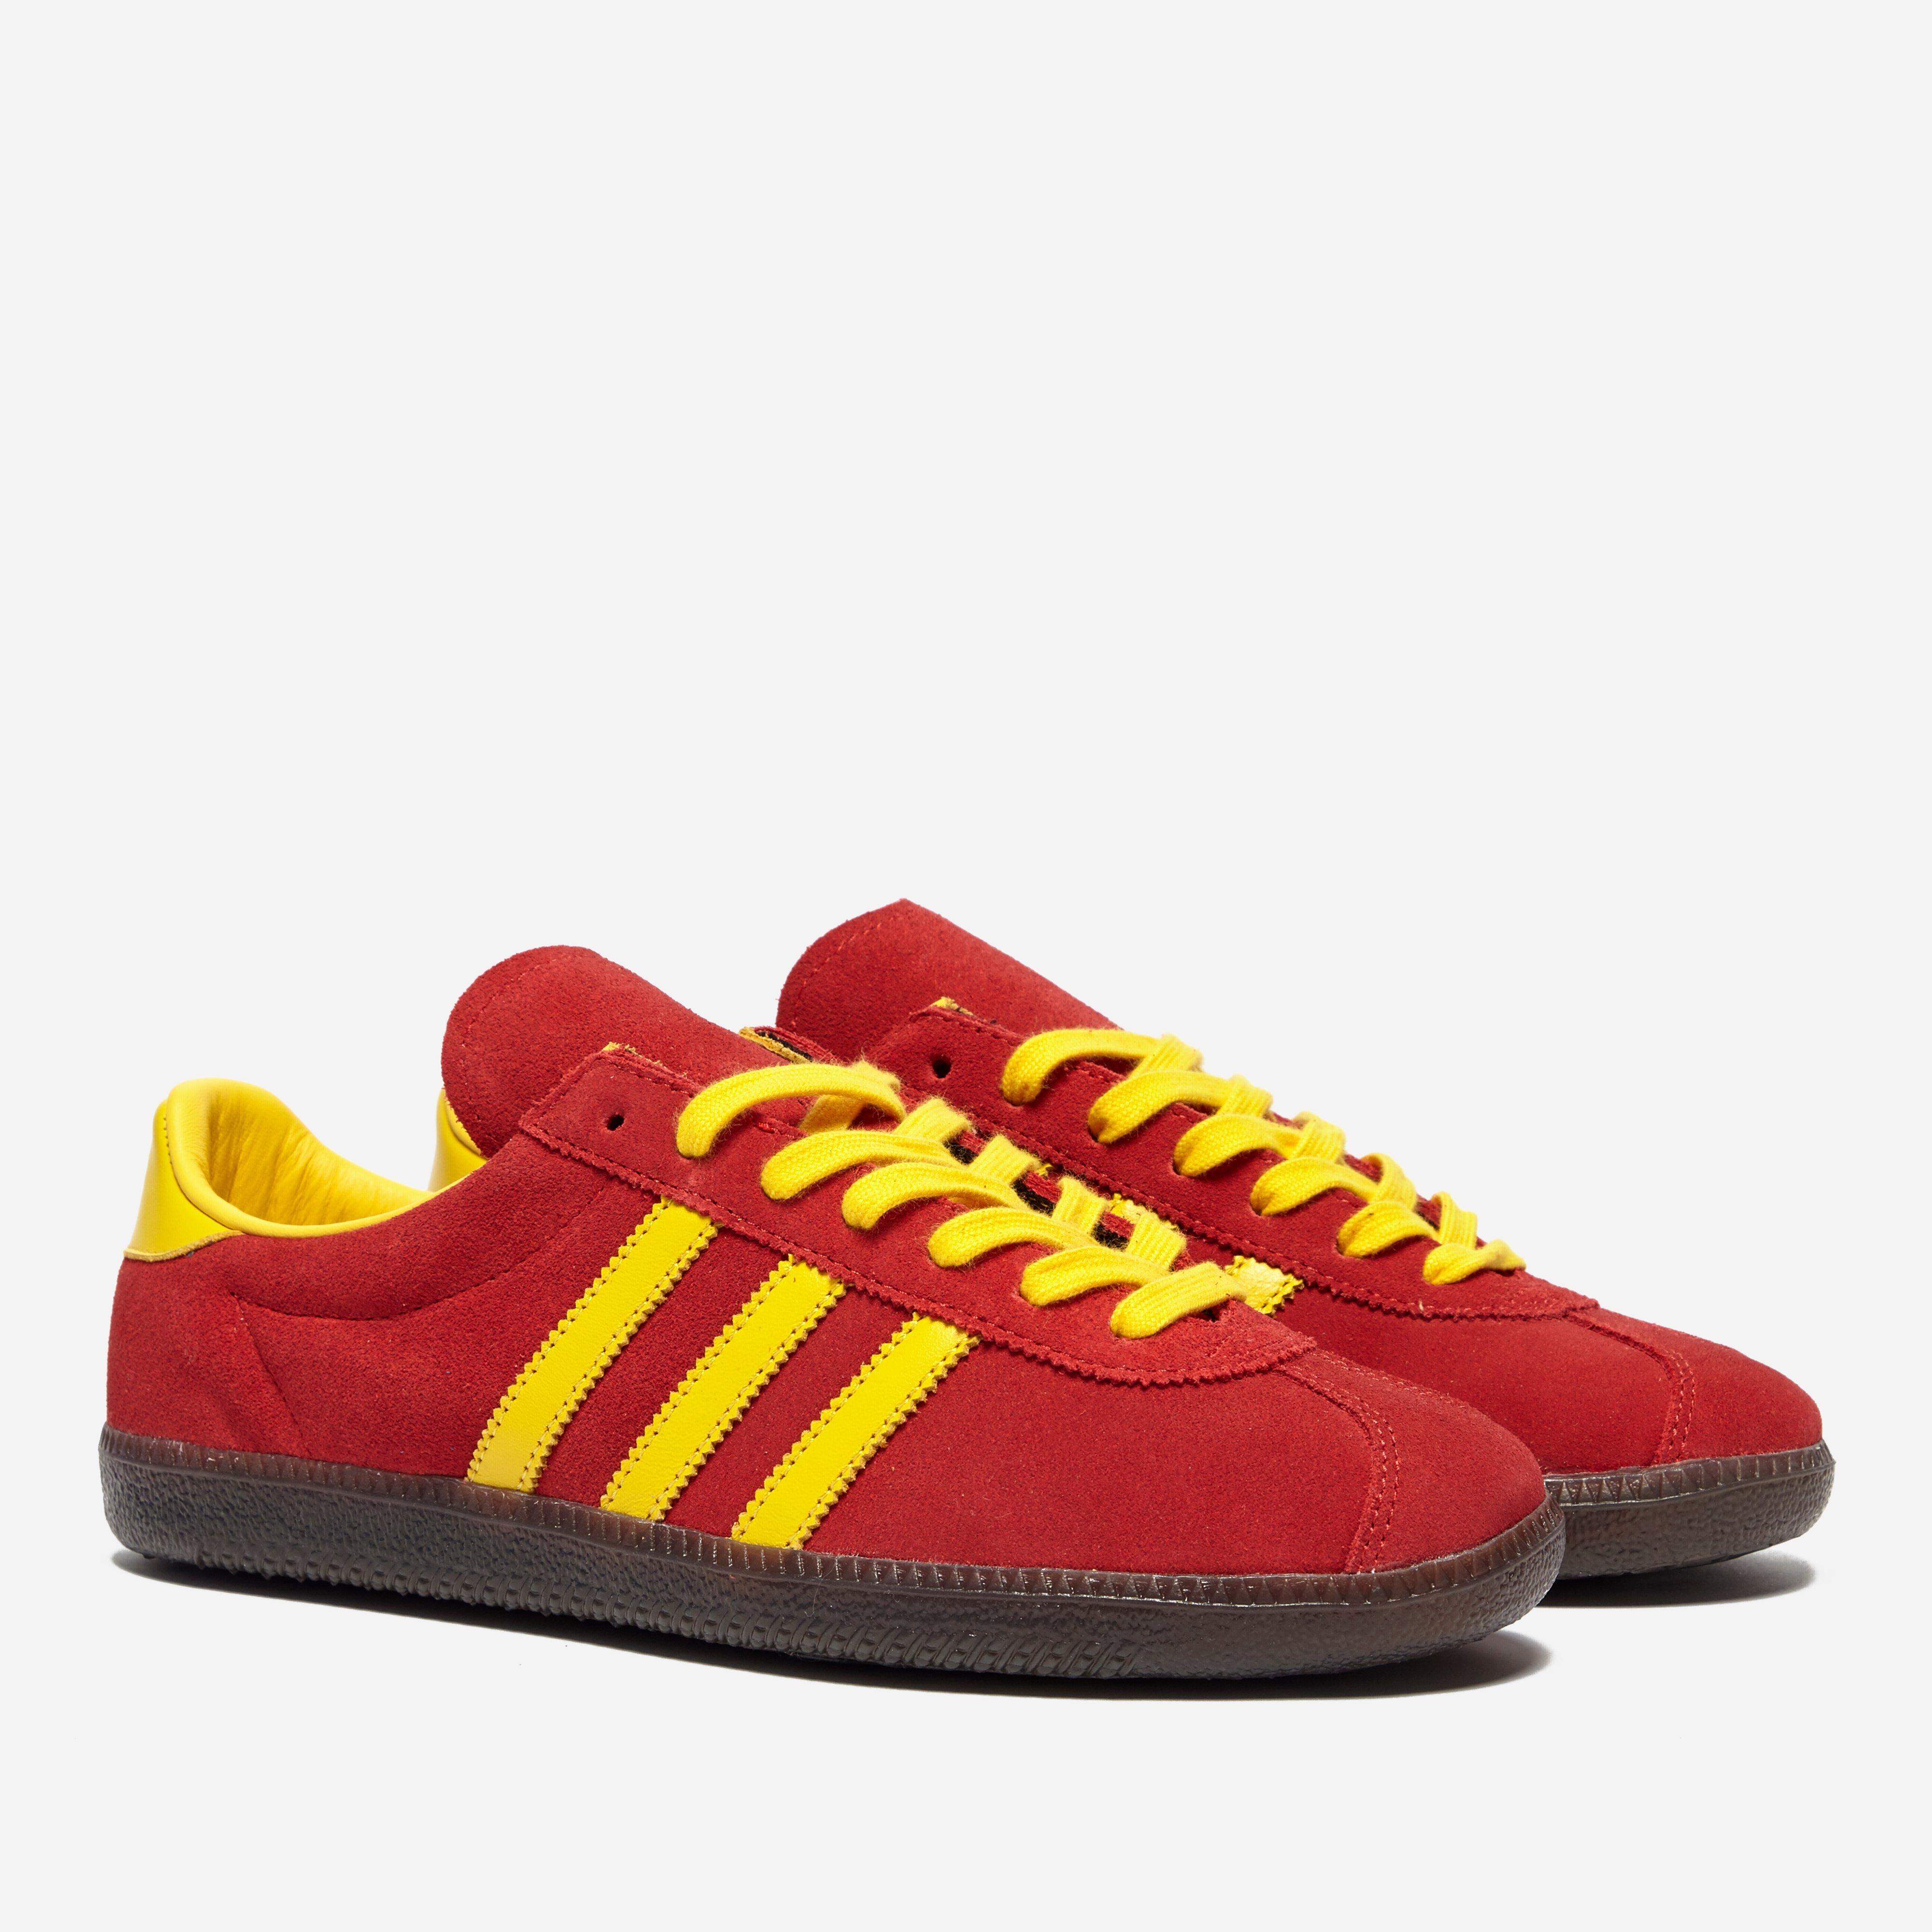 adidas Originals Spiritus SPZL